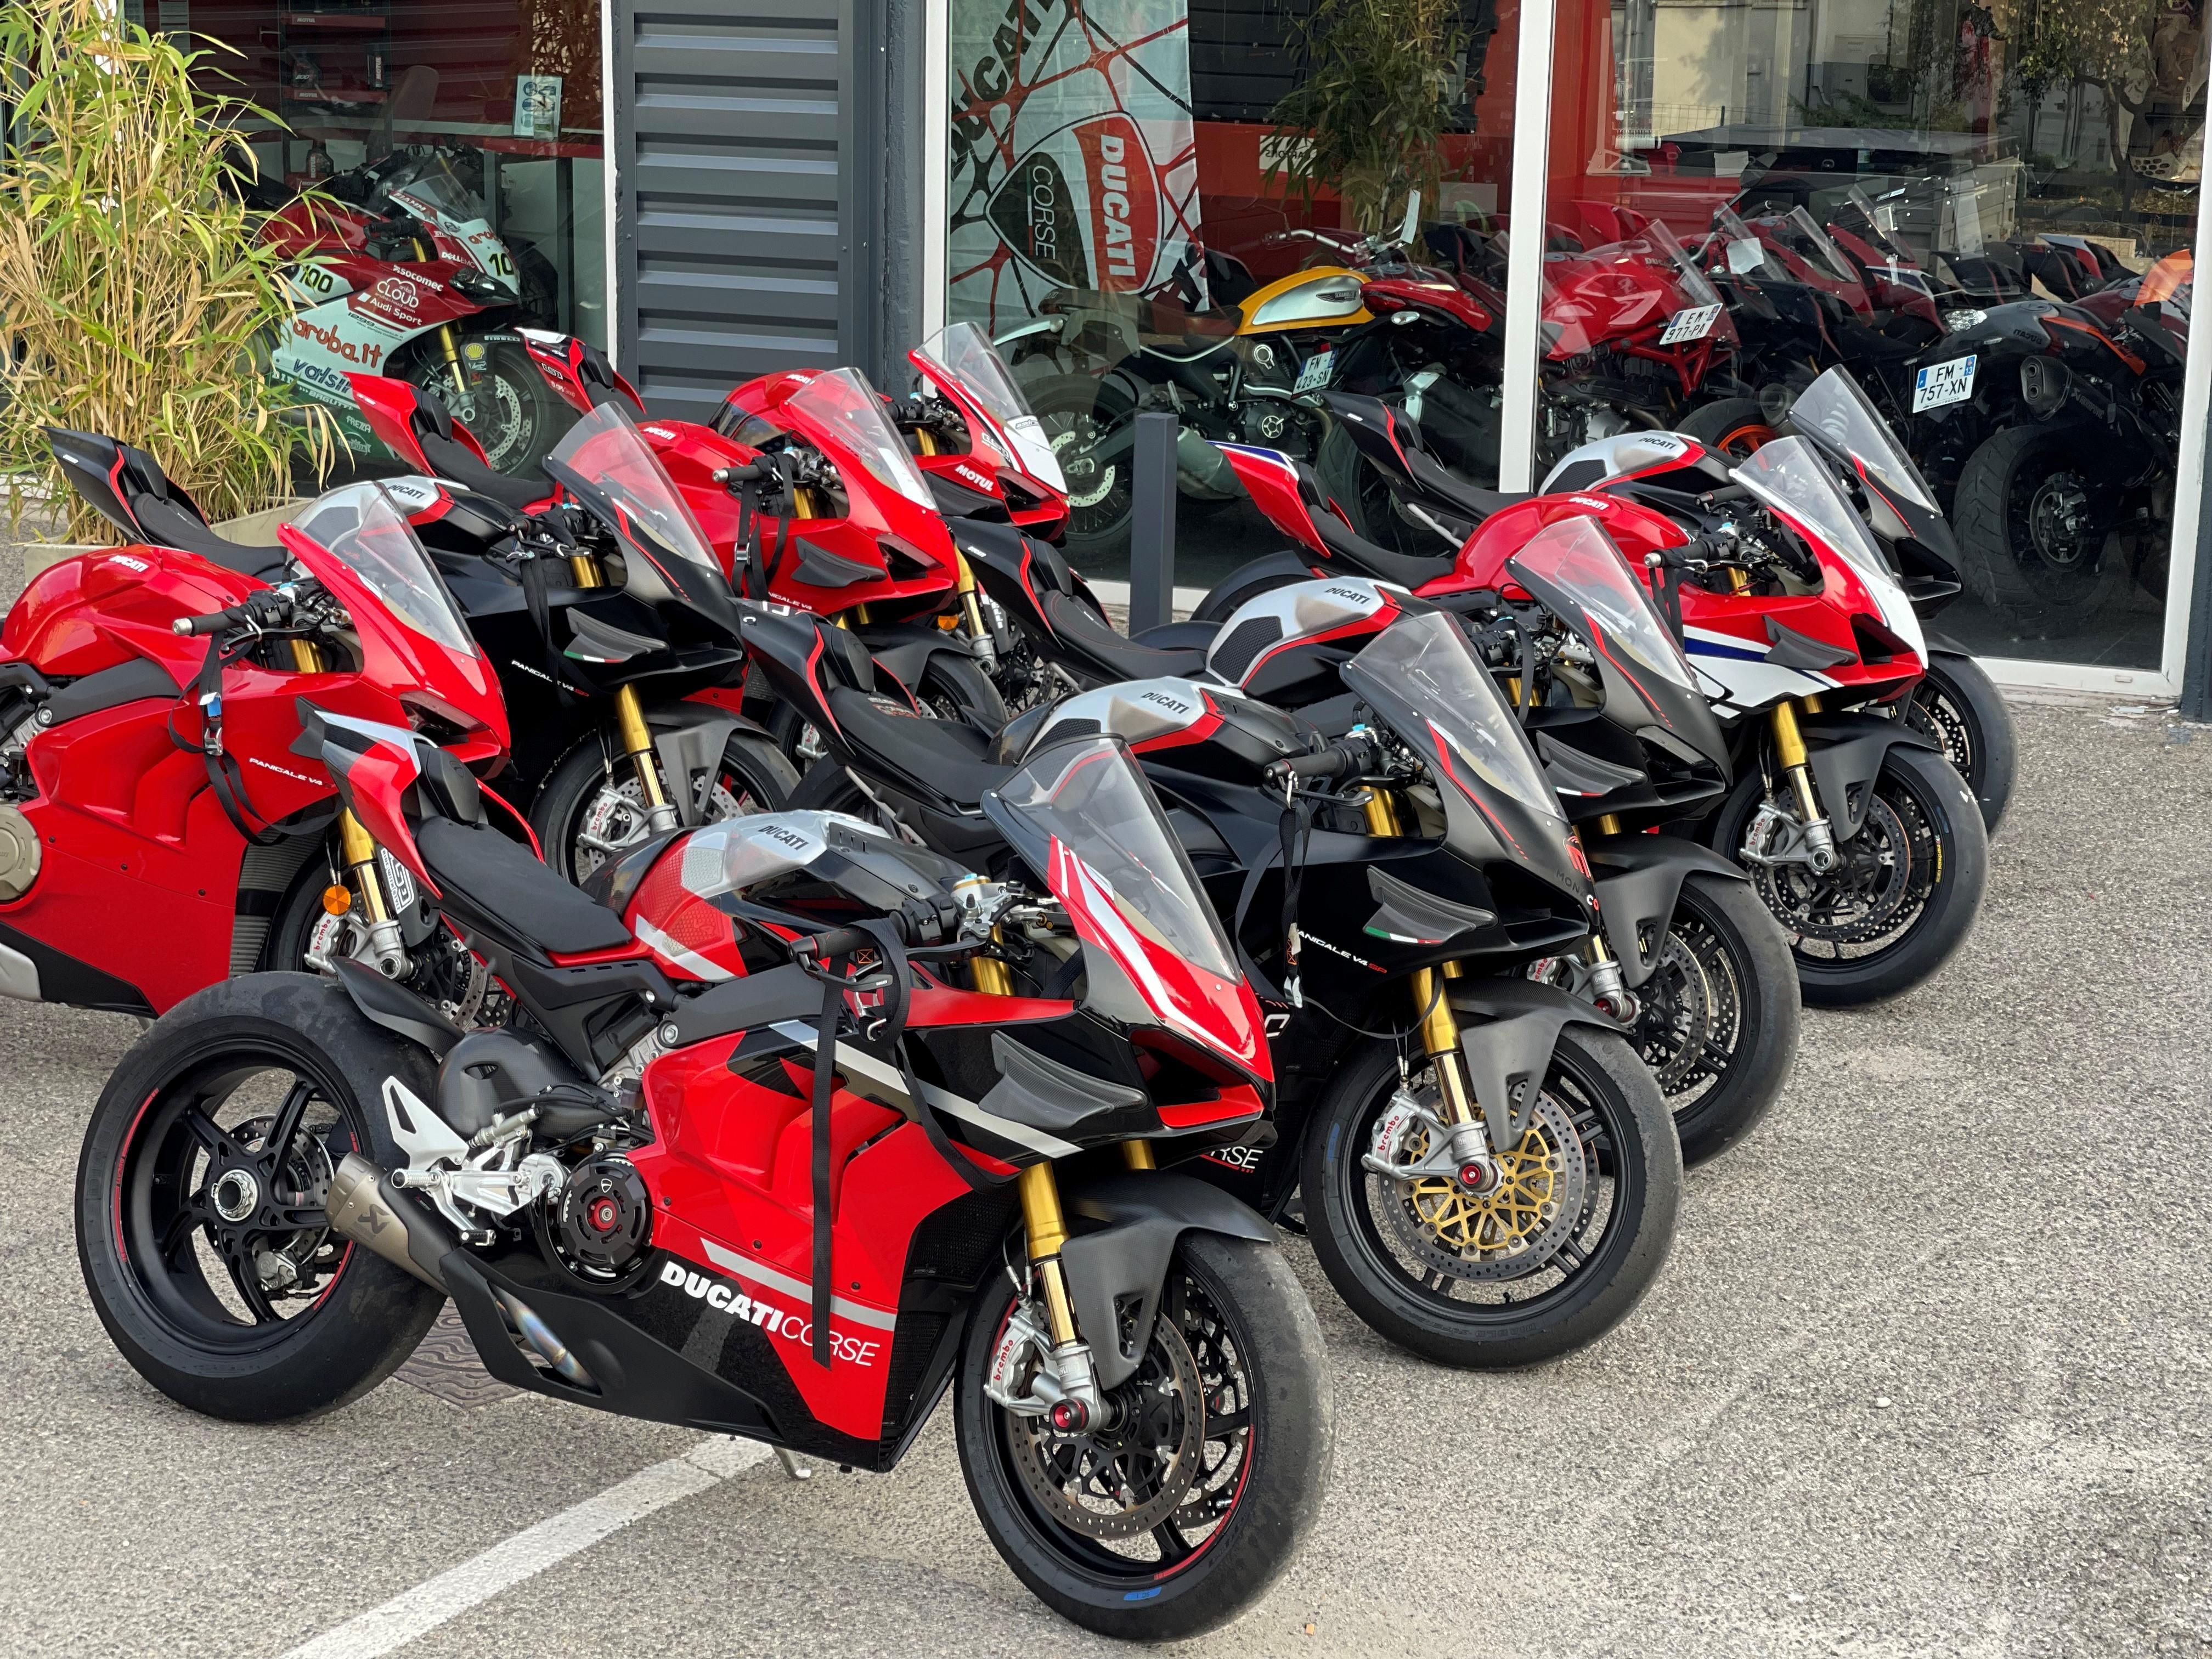 LE NOUVEAU MONSTER est chez Ducati Toulon dimanche 28  février 2021